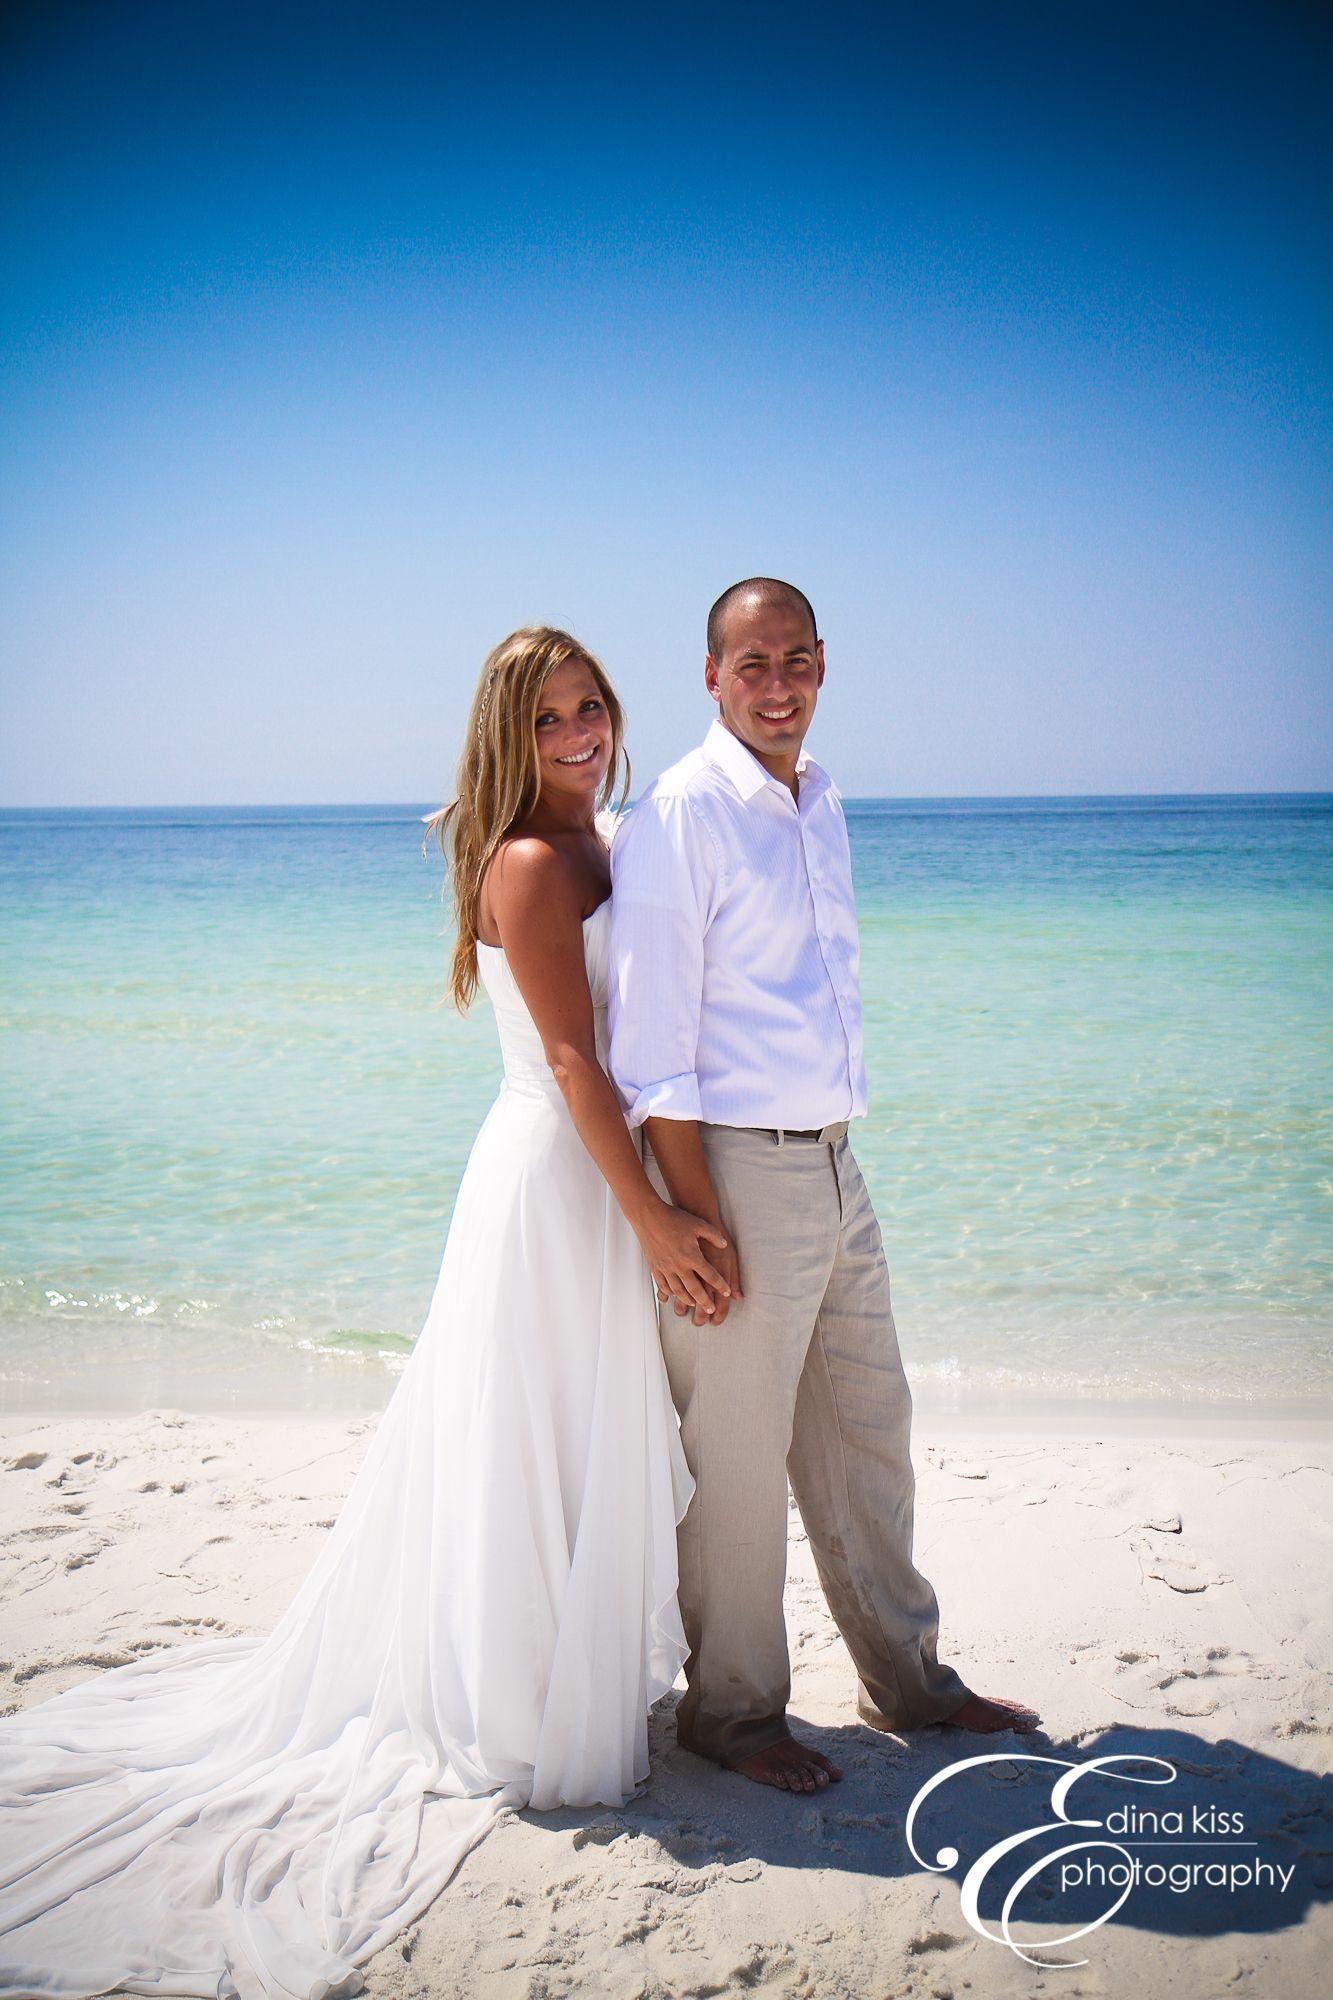 Real Princess Weddings Katherine And Johnny Princess Wedding Beach Wedding Attire Beach Wedding Groom Attire Beach Wedding Guest Attire [ 2000 x 1333 Pixel ]